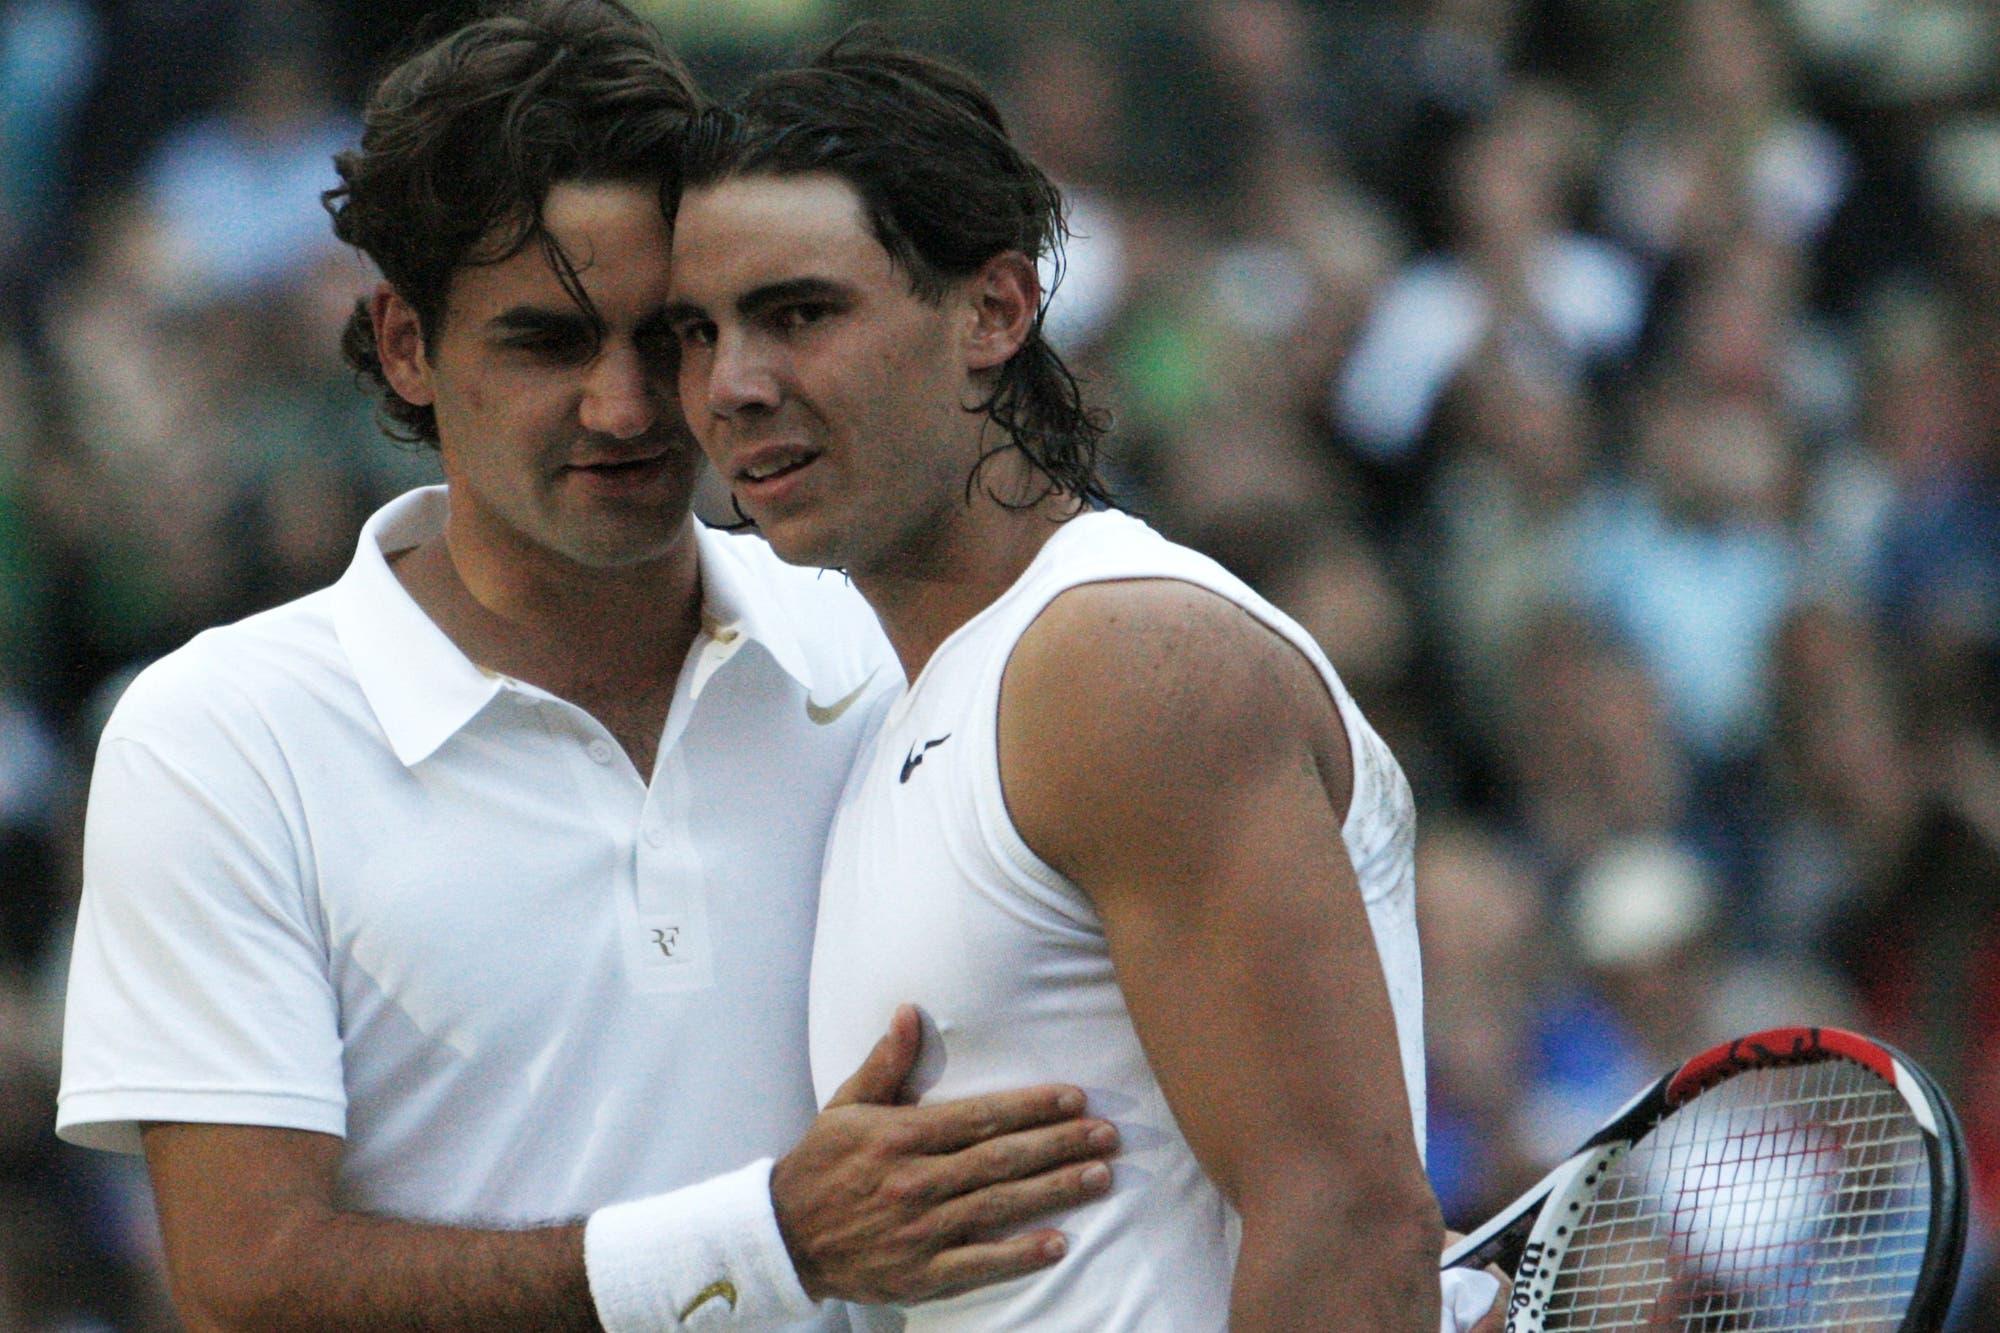 Roger Federer-Rafael Nadal, por la semifinal de Wimbledon: horario y TV de la edición 40 del superclásico